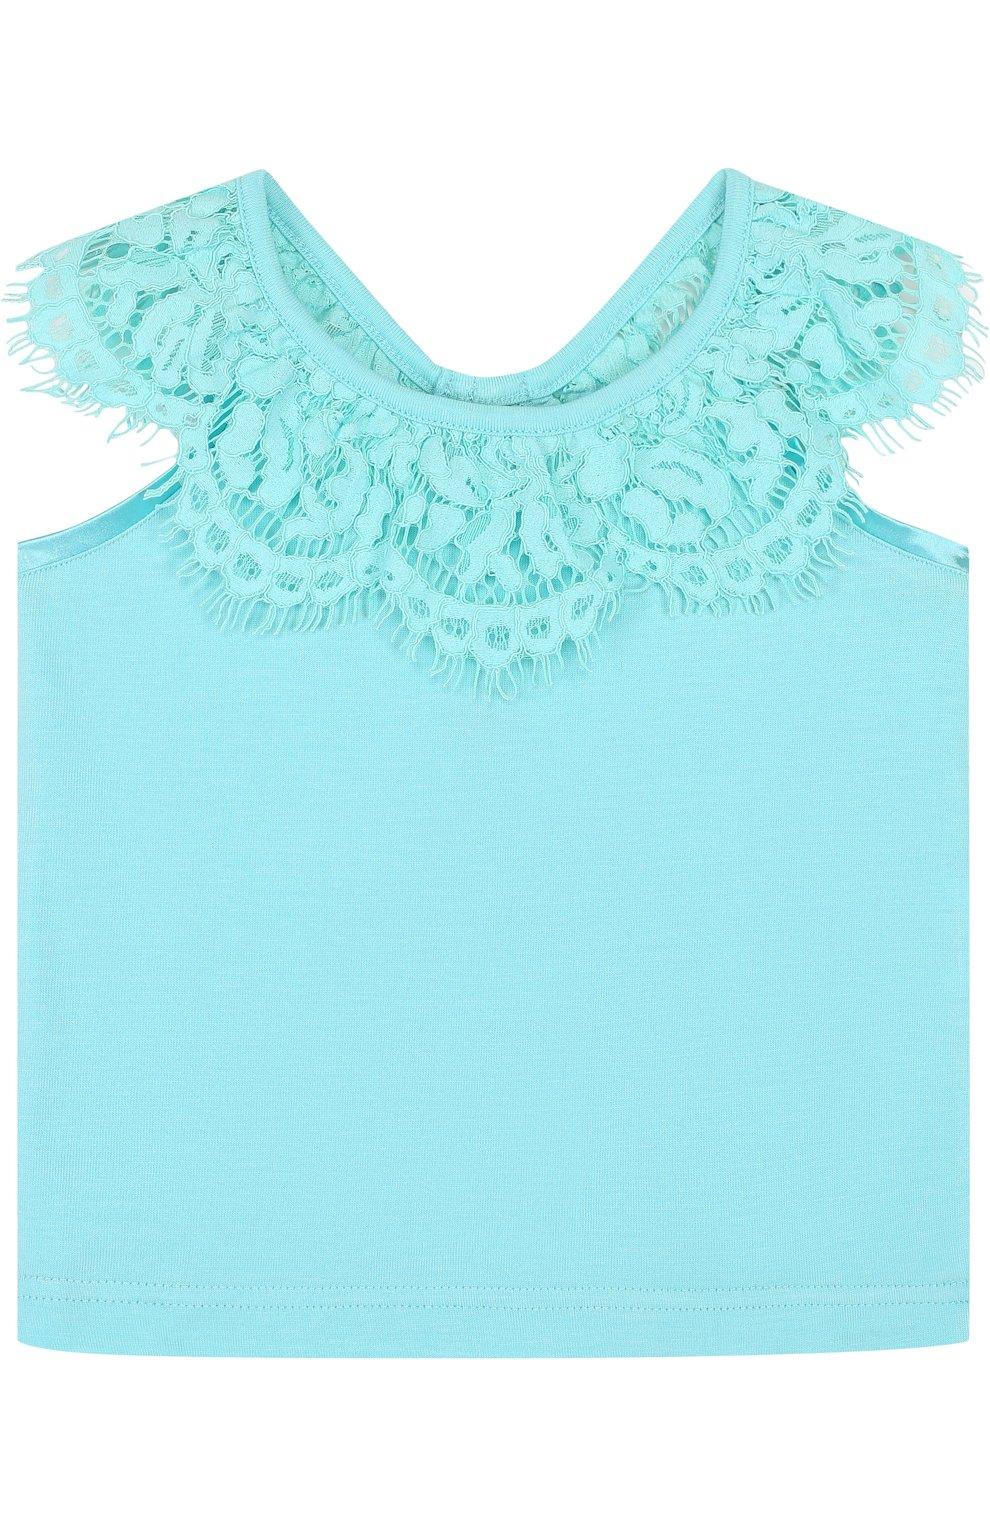 Детский топ джерси с кружевной отделкой и открытыми плечами ANGEL'S FACE голубого цвета, арт. LUCILLE/2-7 | Фото 1